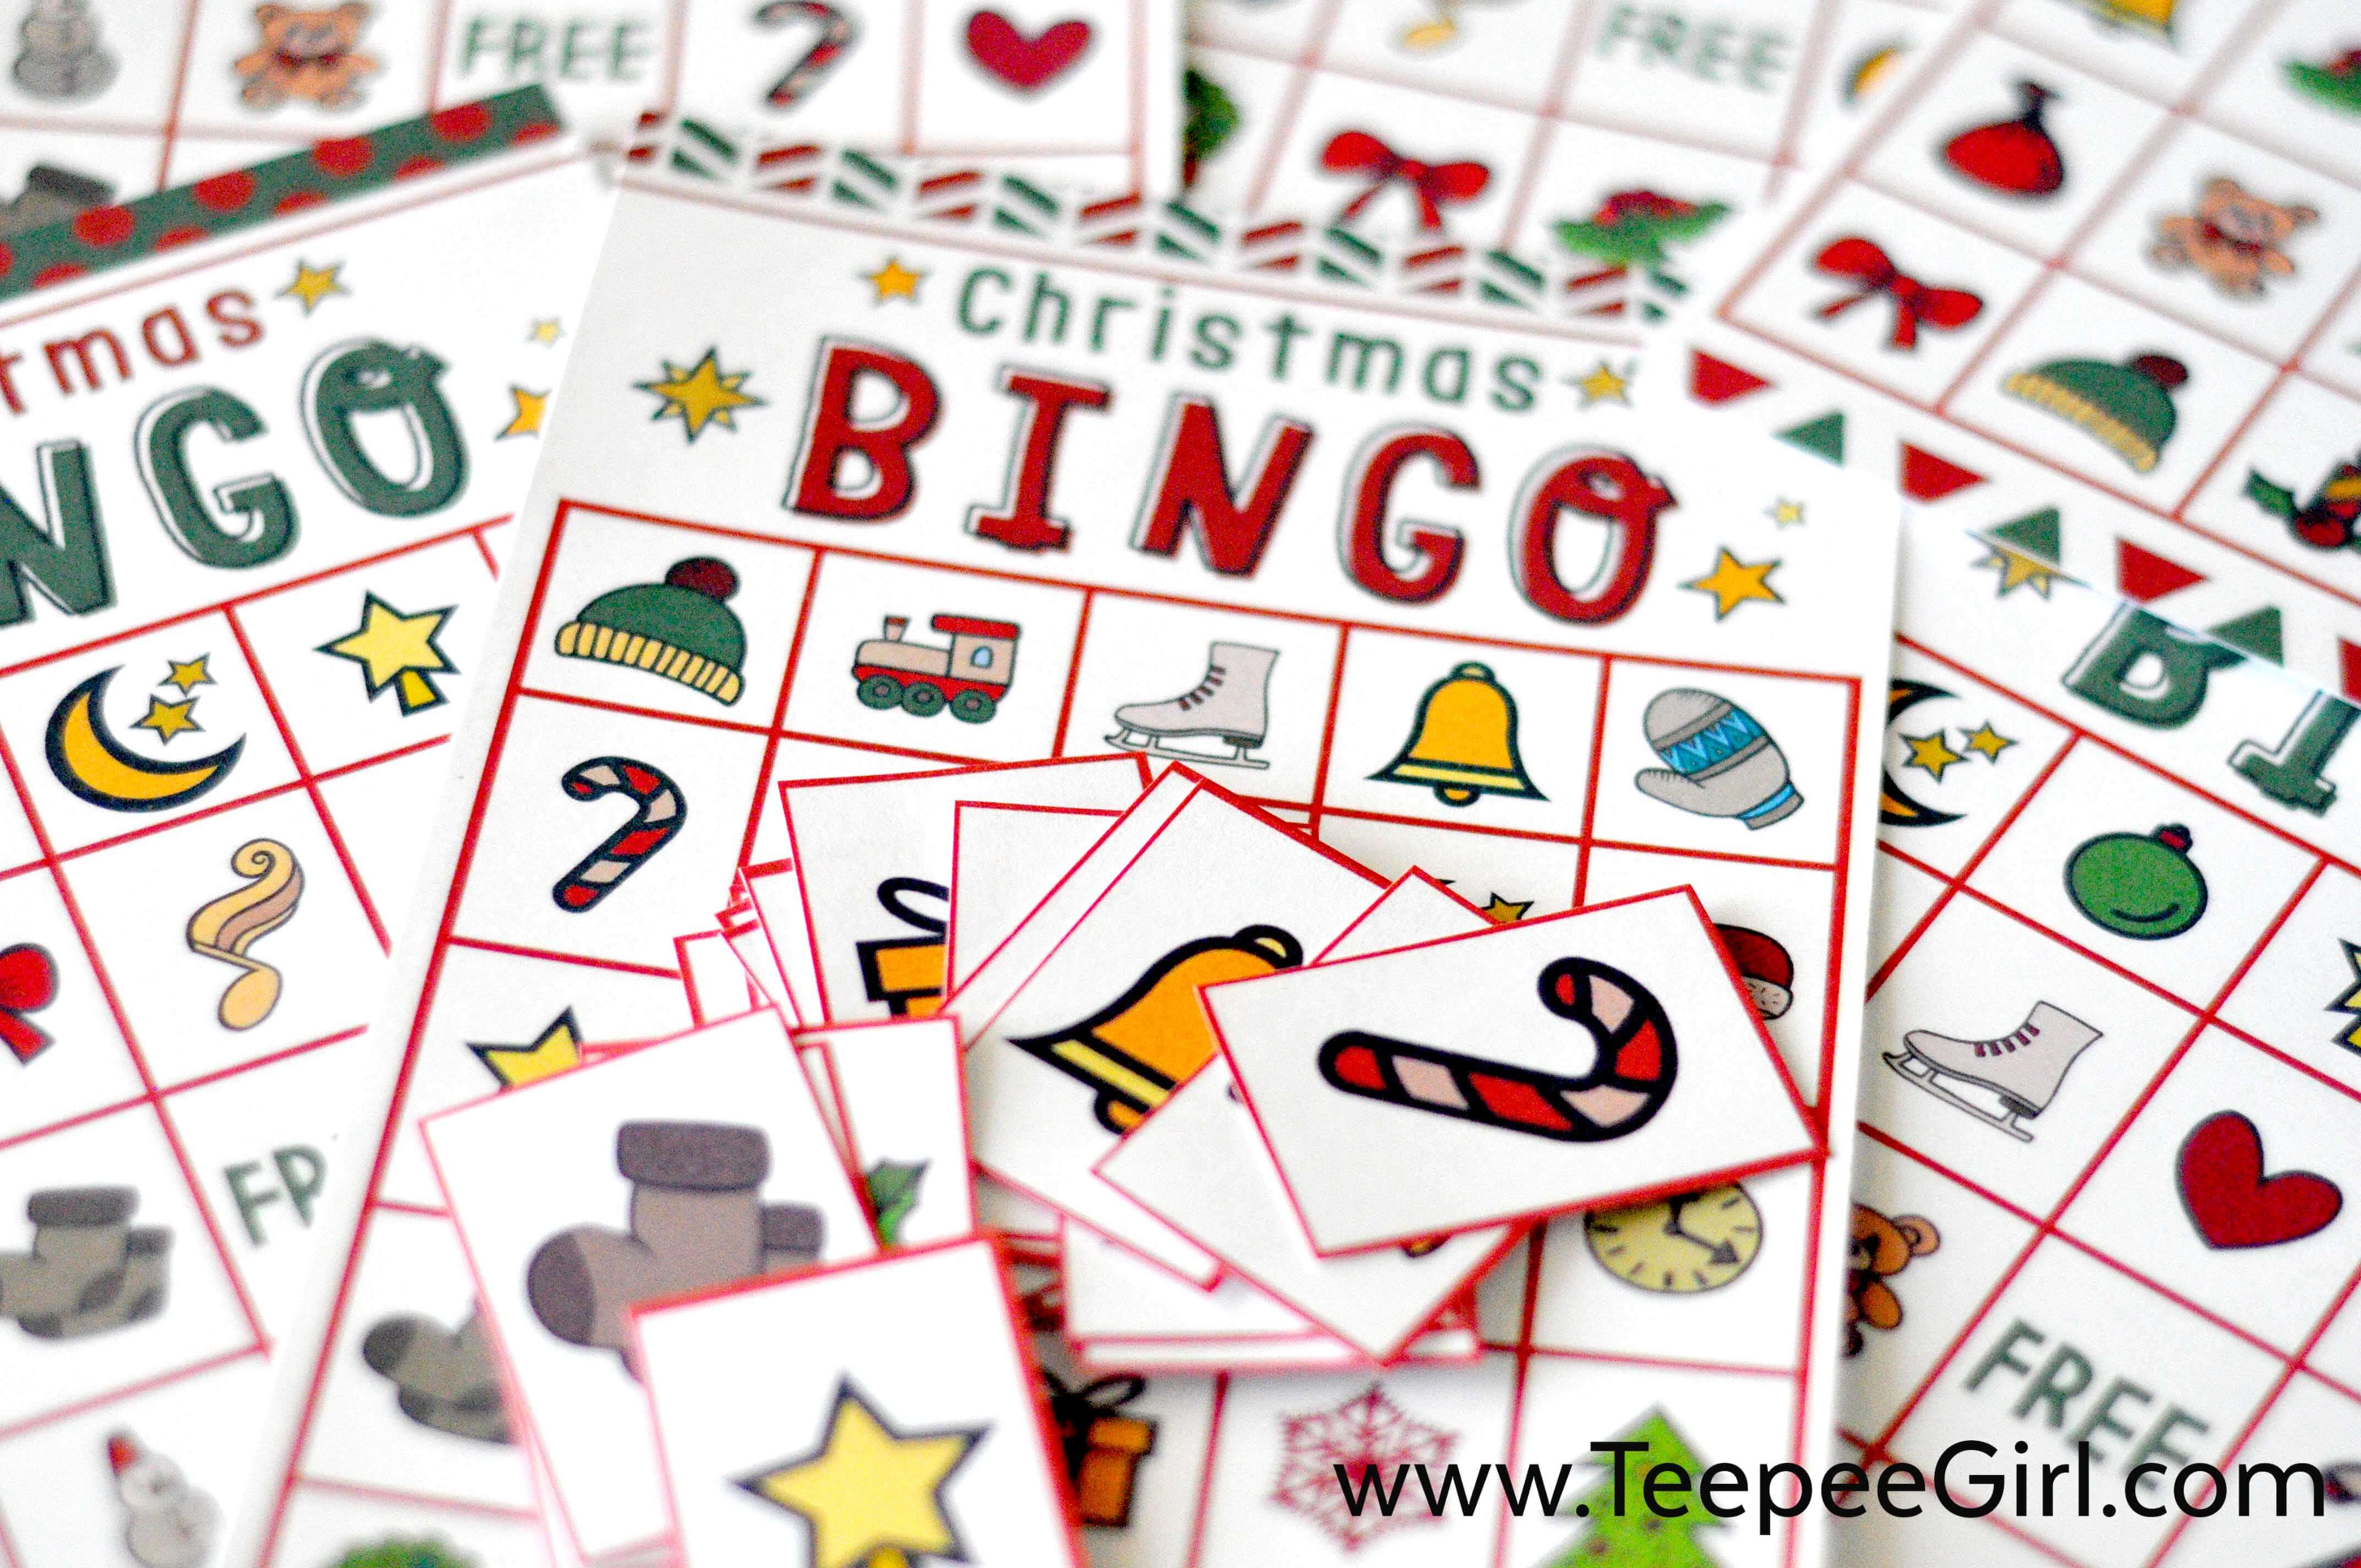 Free Christmas Bingo Game Printable - Free Christmas Bingo Game Printable